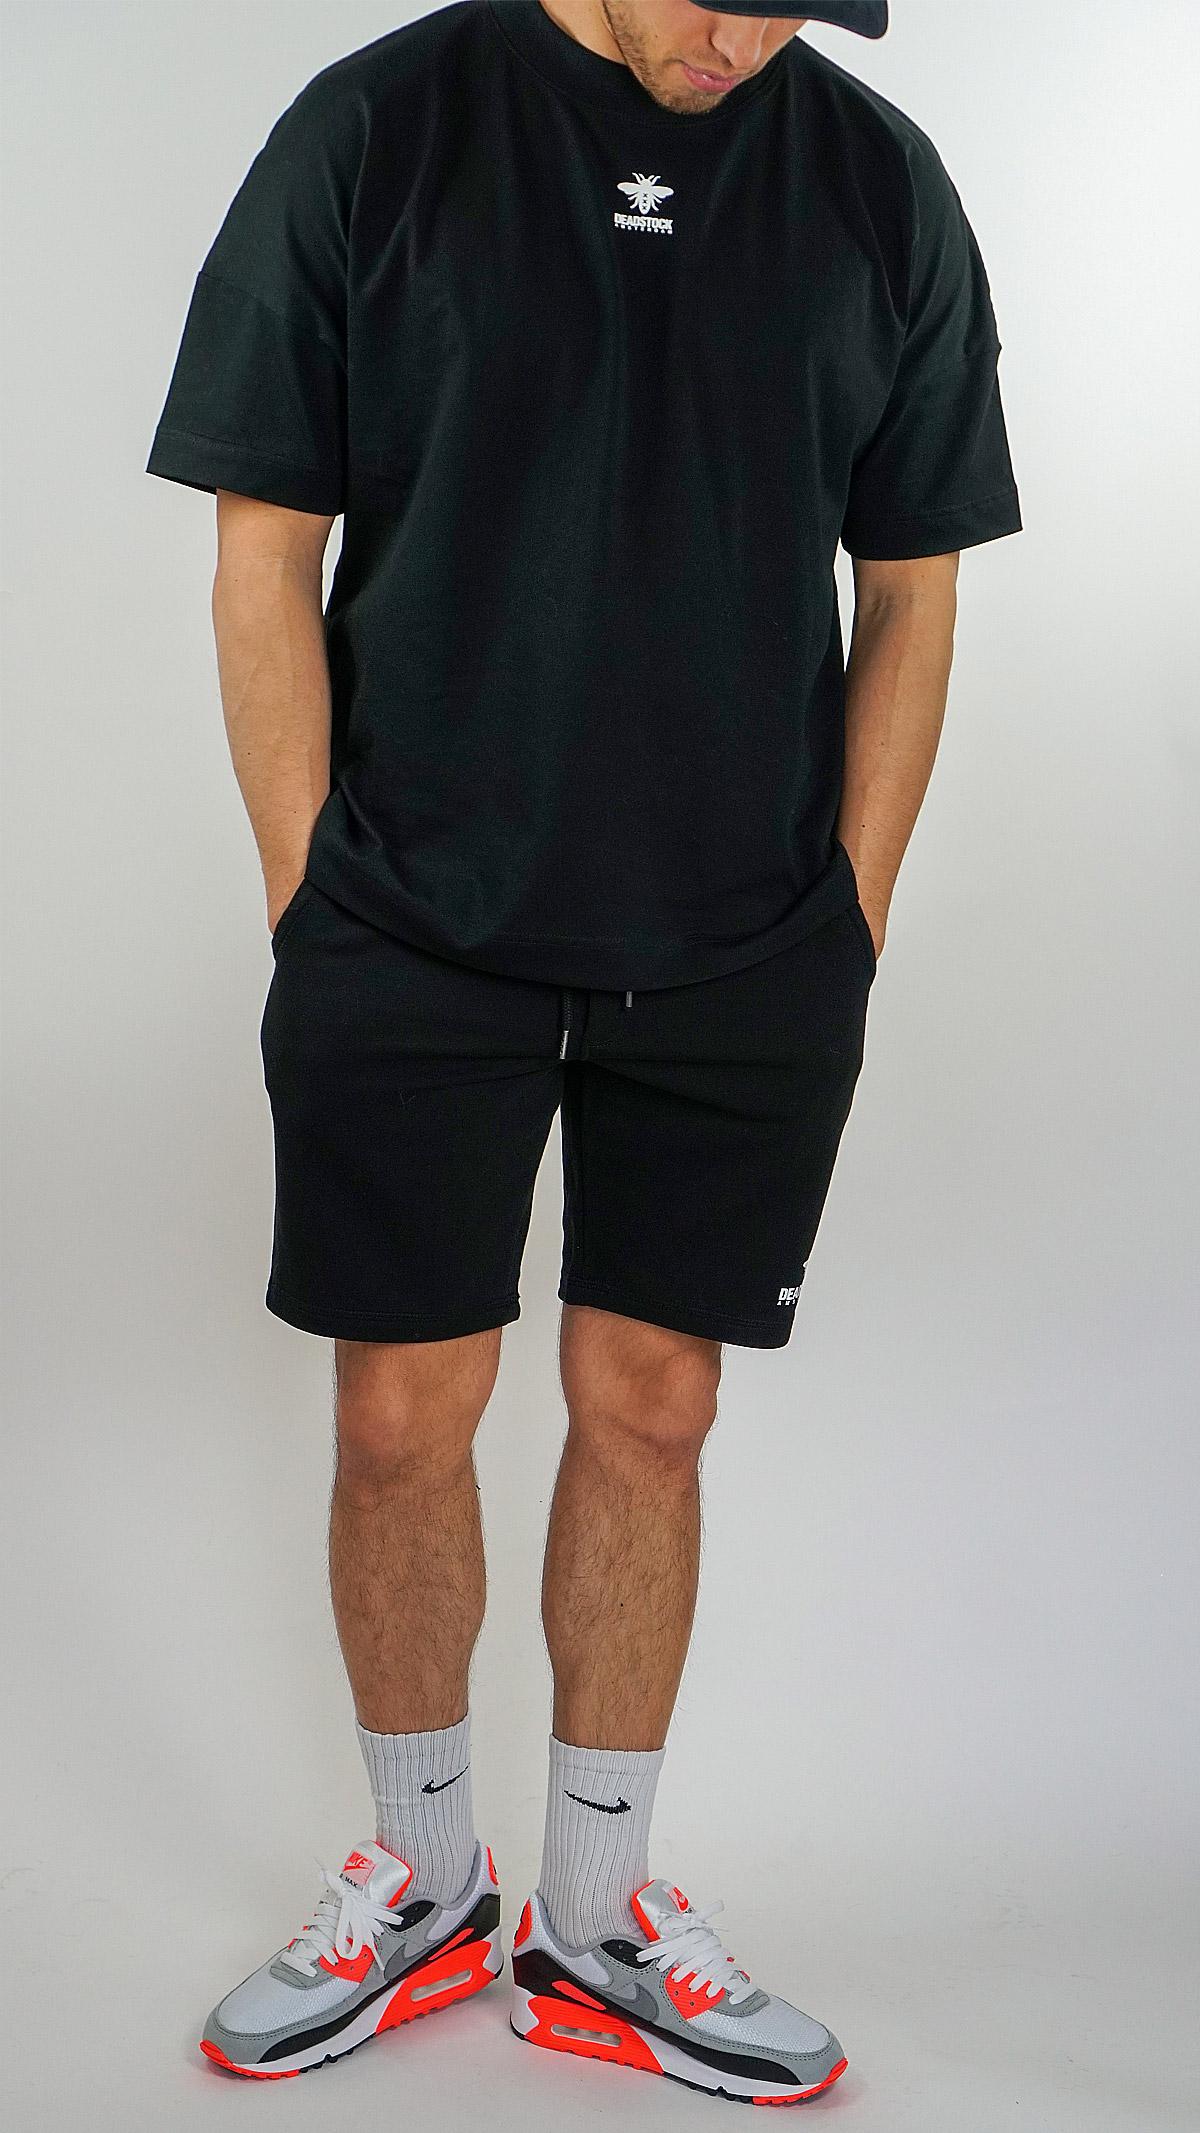 oversized shirt light black short deadstock amsterdam